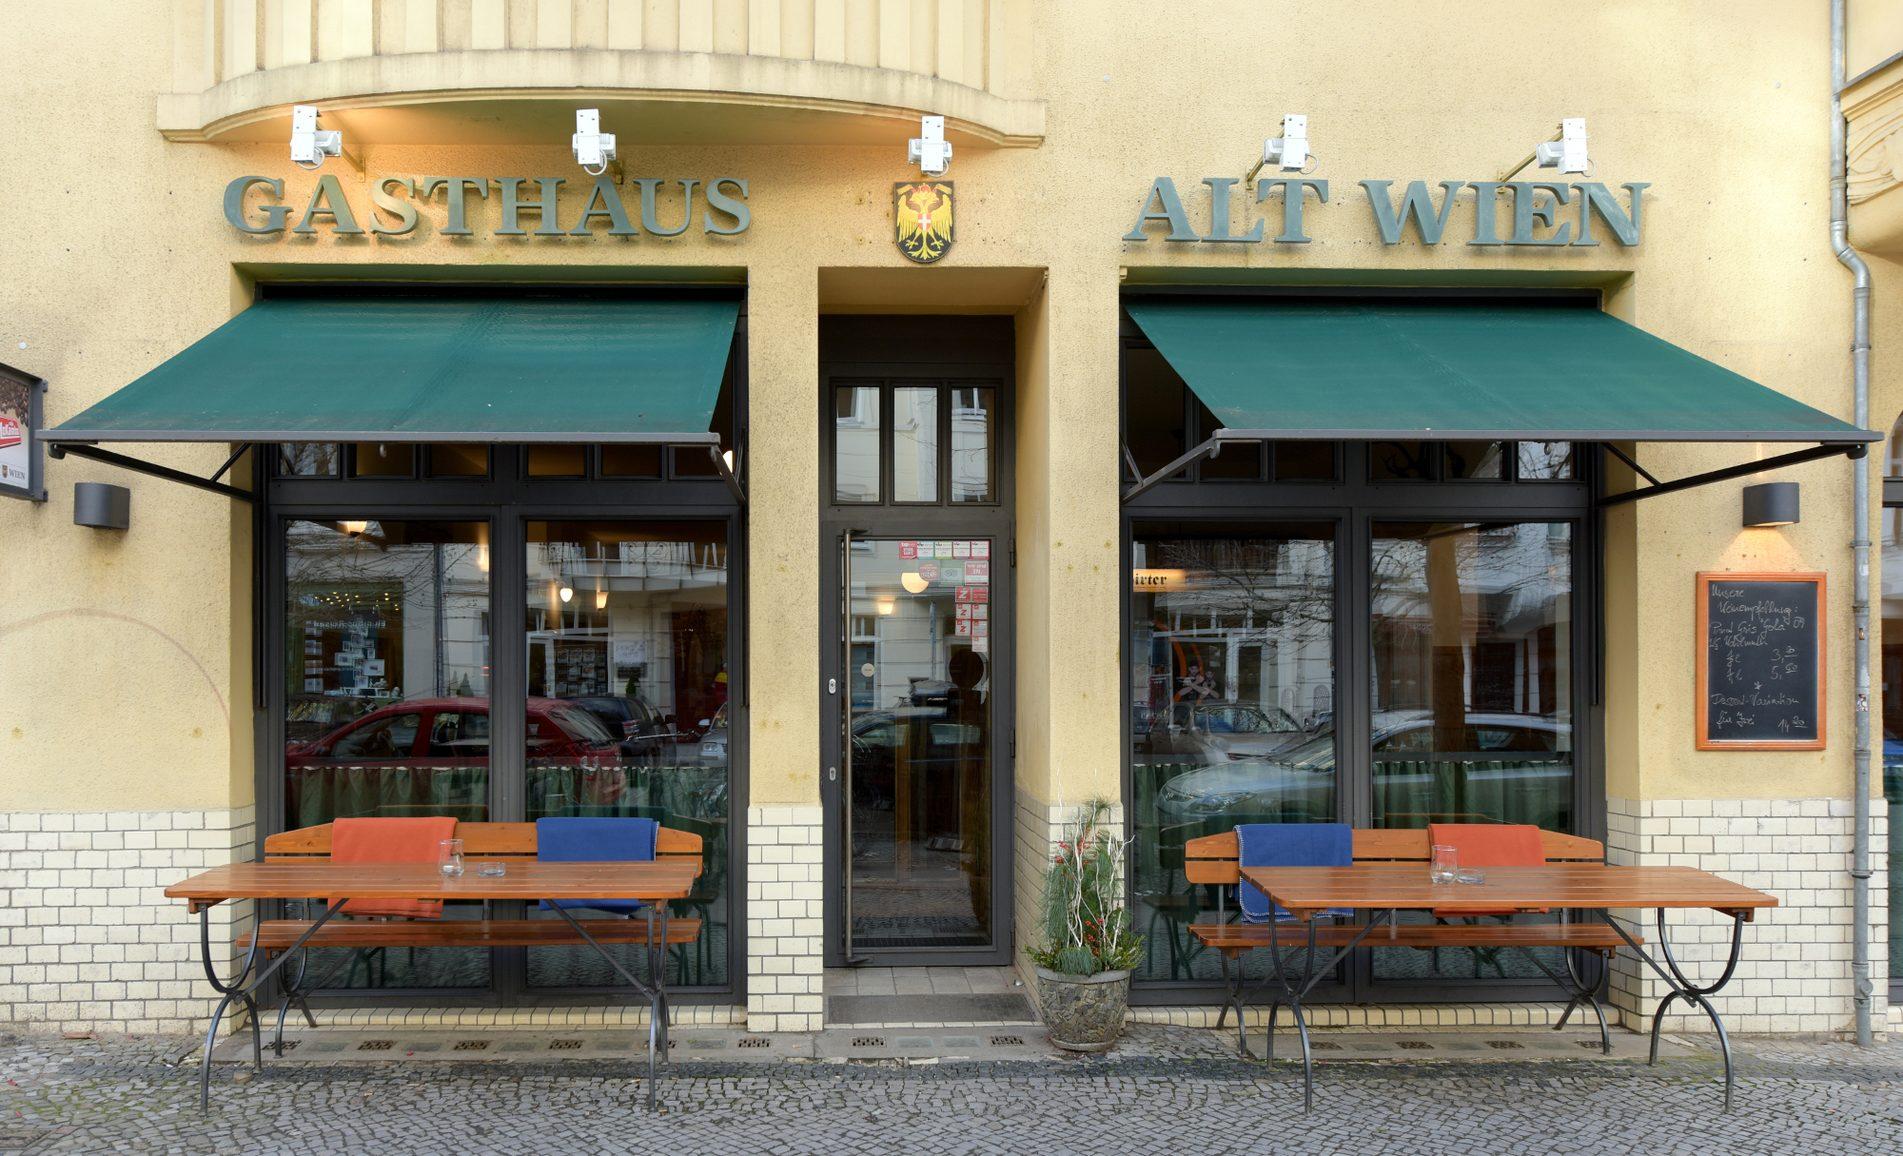 gasthaus alt wien - Österreichisches restaurant in berlin